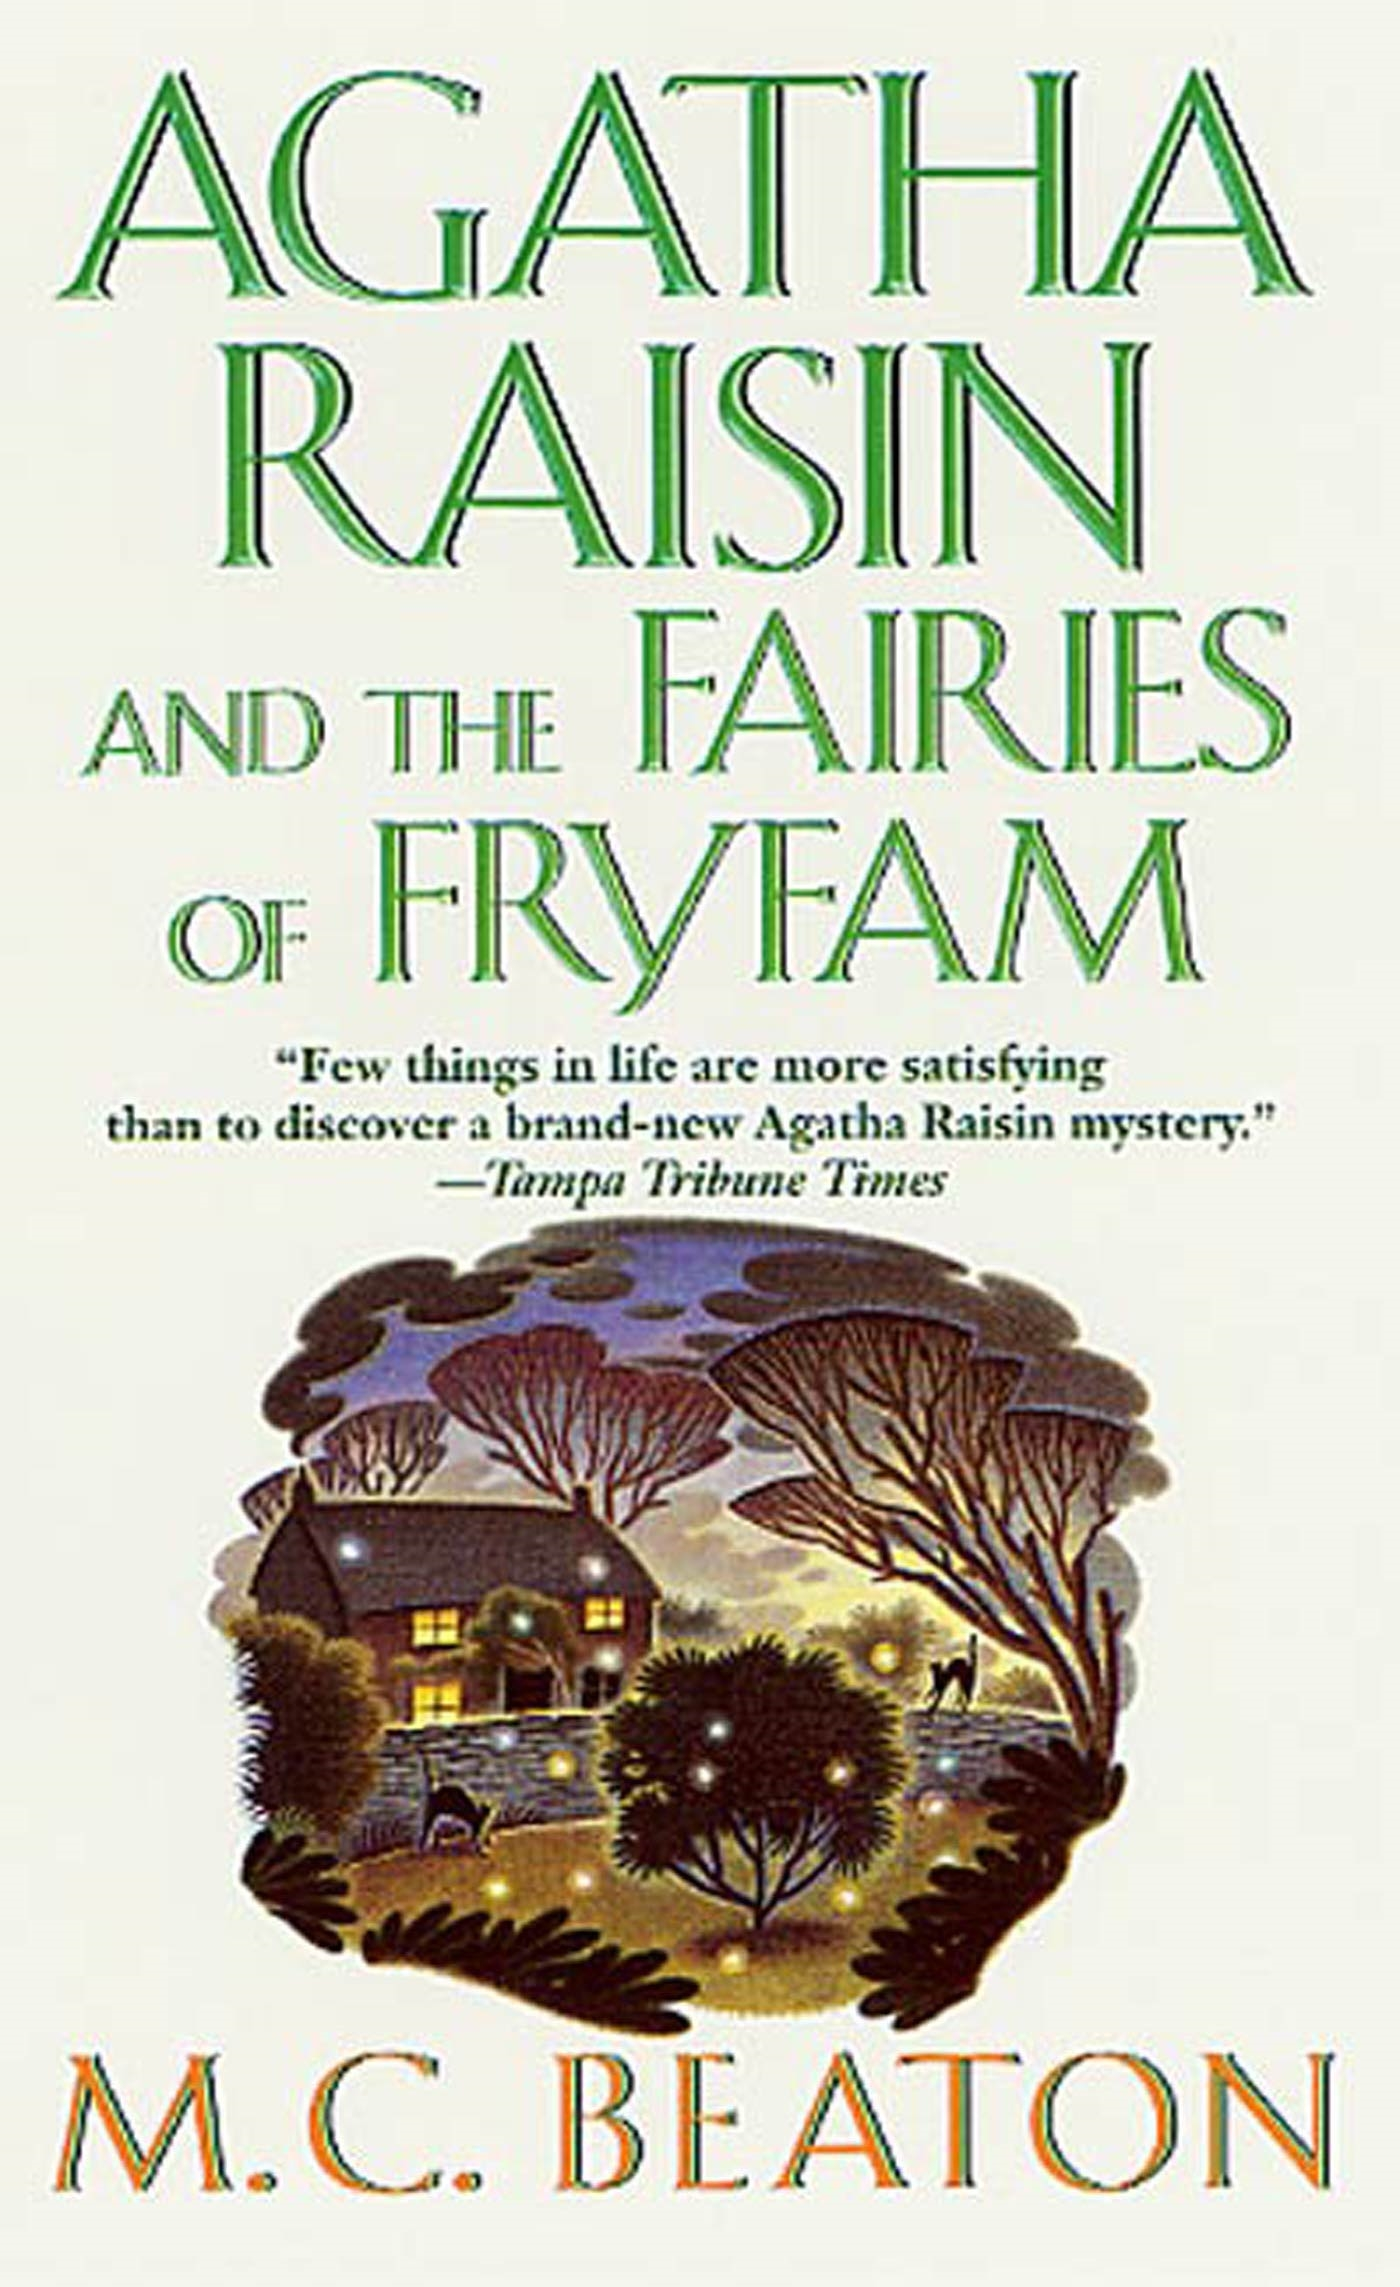 Agatha Raisin and the Fairies of Fryfam An Agatha Raisin Mystery